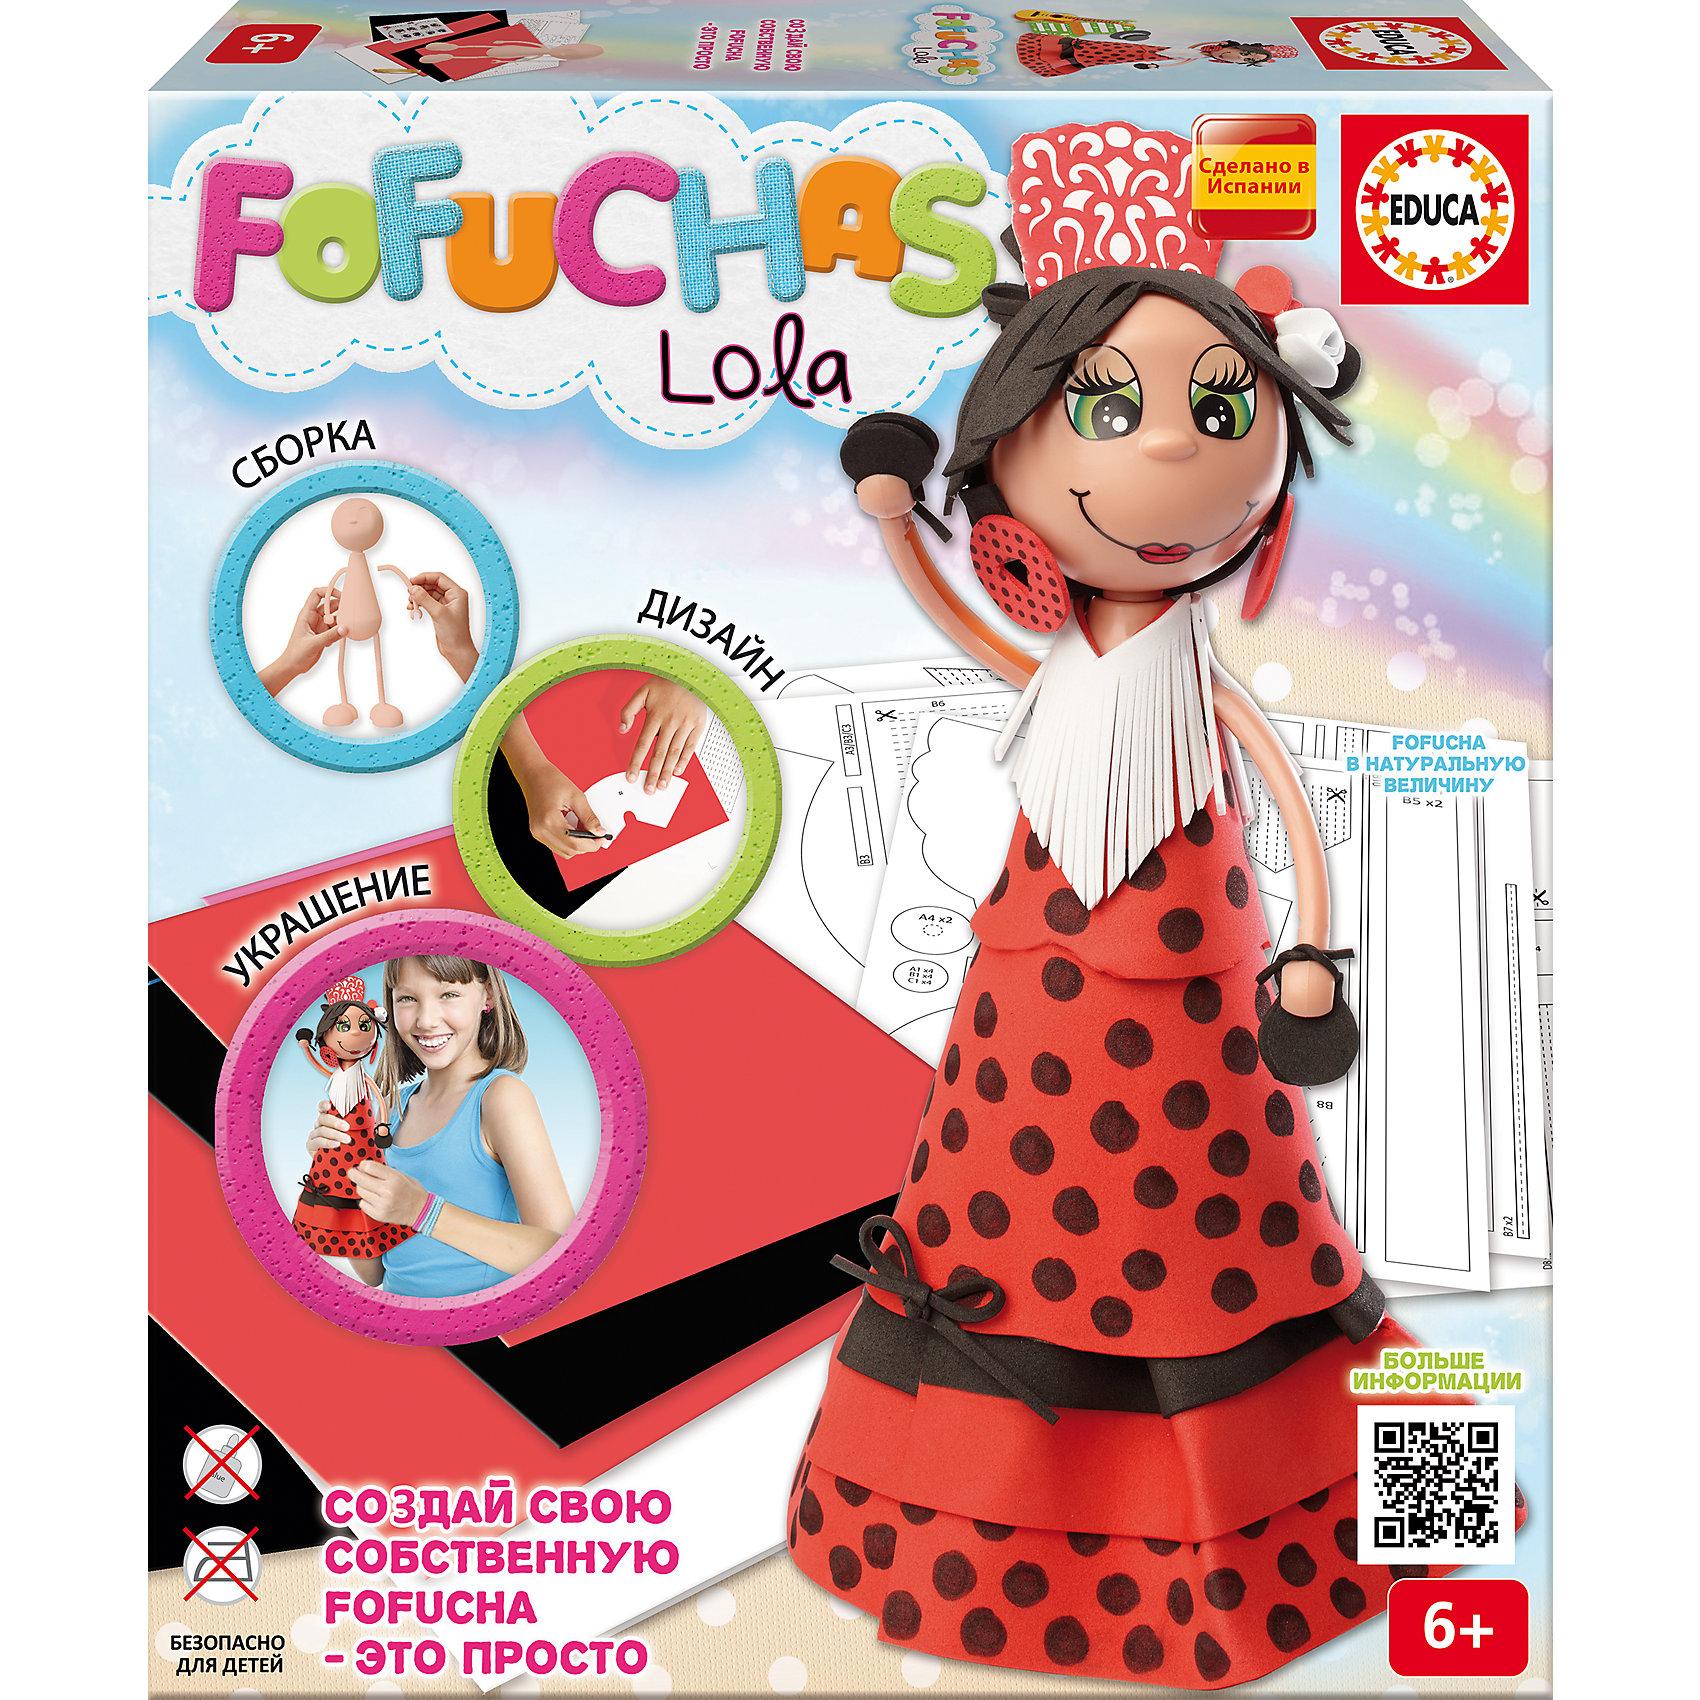 Набор для творчества в виде куклы Фофуча ЛолаБренды кукол<br>Набор для творчества в виде куклы Фофуча Лола – это набор в виде куклы в разобранном виде.<br>С помощью набора для творчества Фофуча Лола маленькие мастерицы смогут создать милую и симпатичную куколку Лолу. Слово Фофуча пришло из Бразилии и означает милая и симпатичная, так же называется и эти привлекательные куколки с длинными ногами и круглыми головами. Каждая Fofucha (Фофуча) так же уникальна, как и человек, ее создавший. Создать свою яркую, веселую, забавную и жизнерадостную Fofucha - это просто!<br><br>Дополнительная информация:<br><br>- В наборе: сборное тело куклы из пластика, 5 листов ЭВА, скотч, схемы, картонные детали, самоклеящиеся глаза и рот, инструкция<br>- Материал: пластик, ЭВА, картон, бумага, полимерный материал<br>- Не требуется утюга и клея.<br>- Упаковка: картонная коробка<br>- Размер упаковки: 330x290x70 мм.<br>- Вес: 644 гр.<br><br>Набор для творчества в виде куклы Фофуча Лола можно купить в нашем интернет-магазине.<br><br>Ширина мм: 335<br>Глубина мм: 295<br>Высота мм: 72<br>Вес г: 650<br>Возраст от месяцев: 72<br>Возраст до месяцев: 168<br>Пол: Женский<br>Возраст: Детский<br>SKU: 4316587